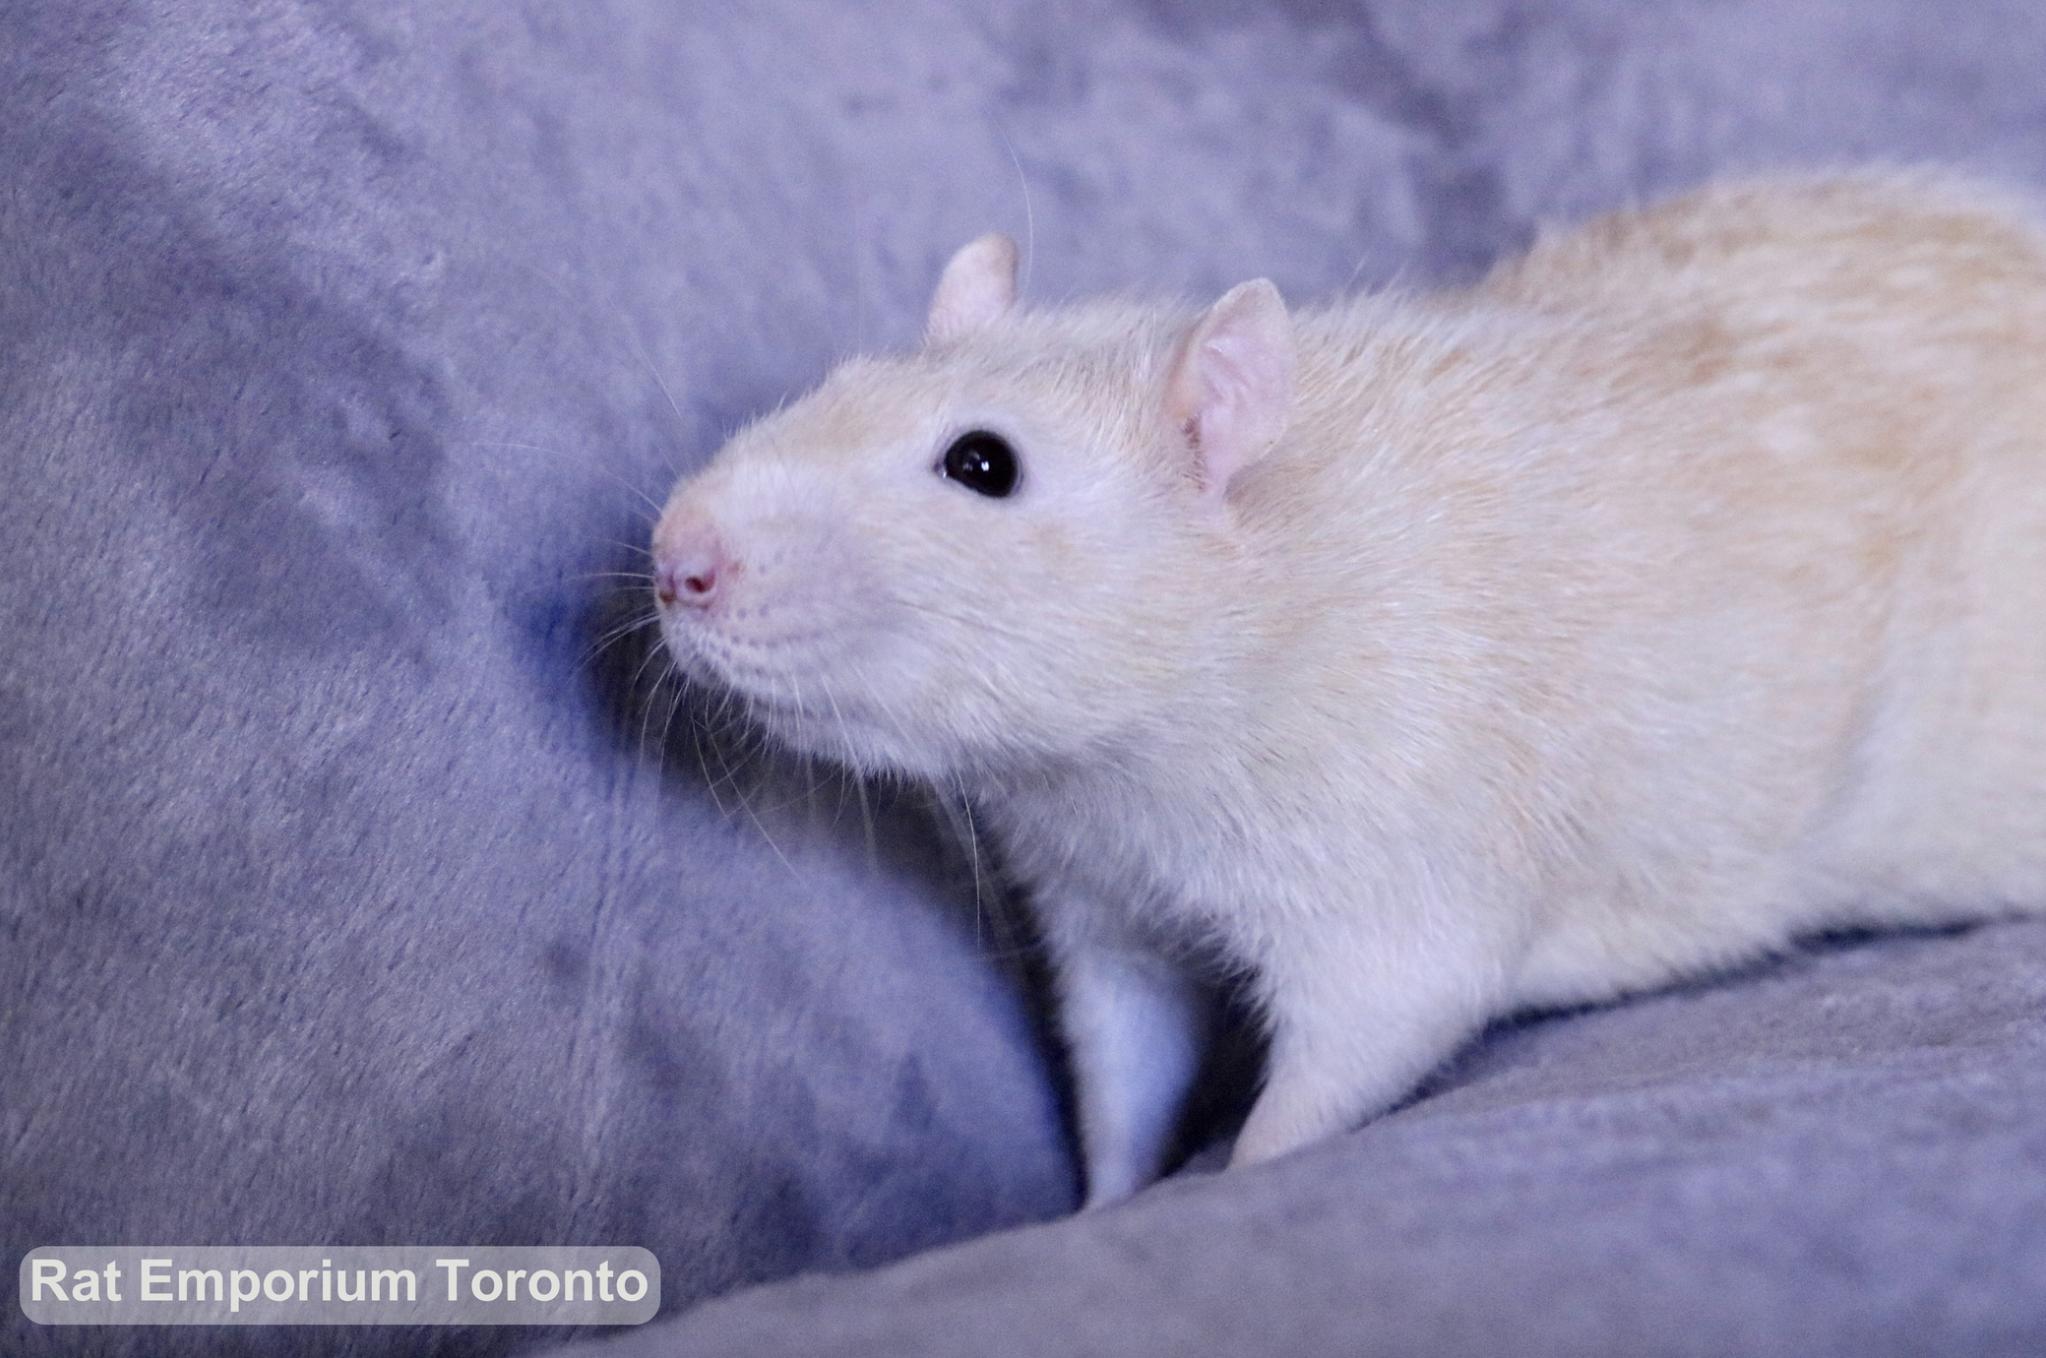 Adopt pet rats Toronto - born and raised at the Rat Emporium - adopt pet rats Toronto